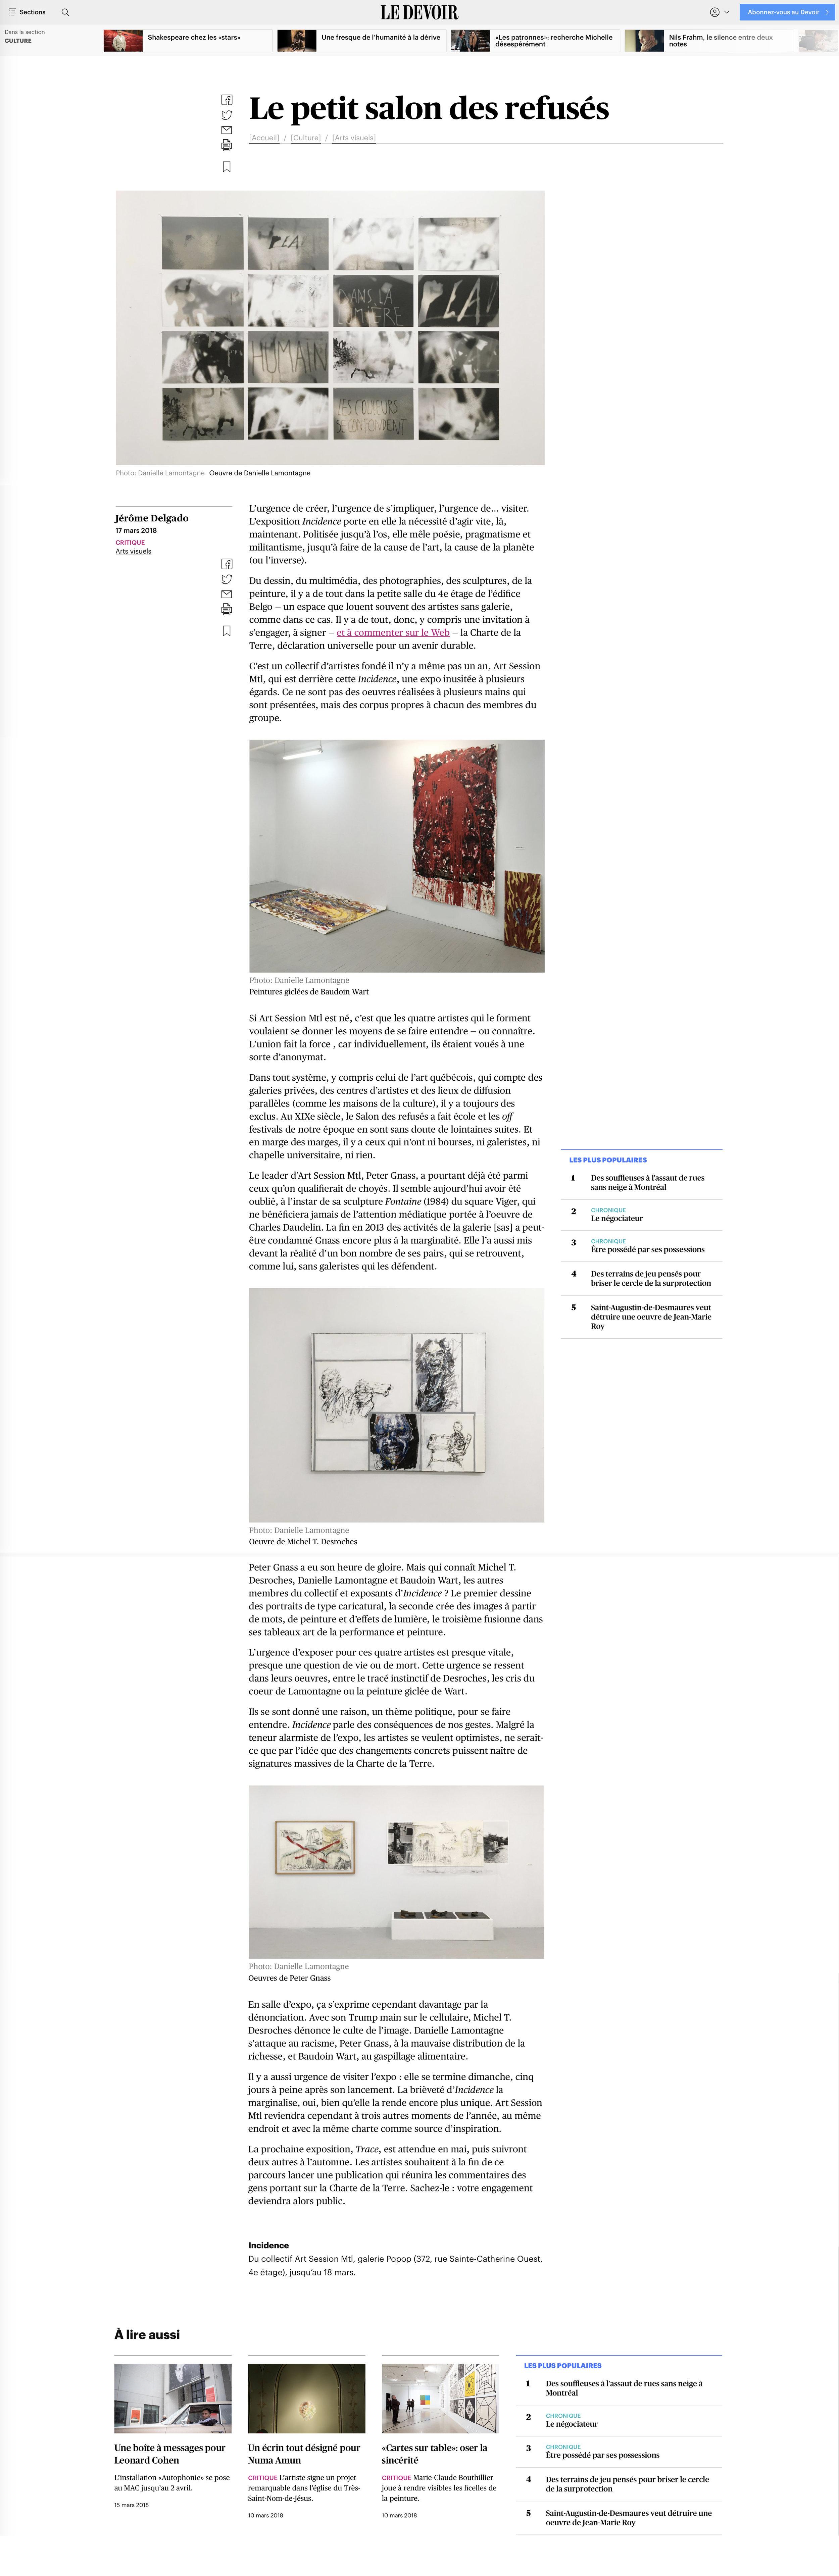 Article_LeDevoir.jpg